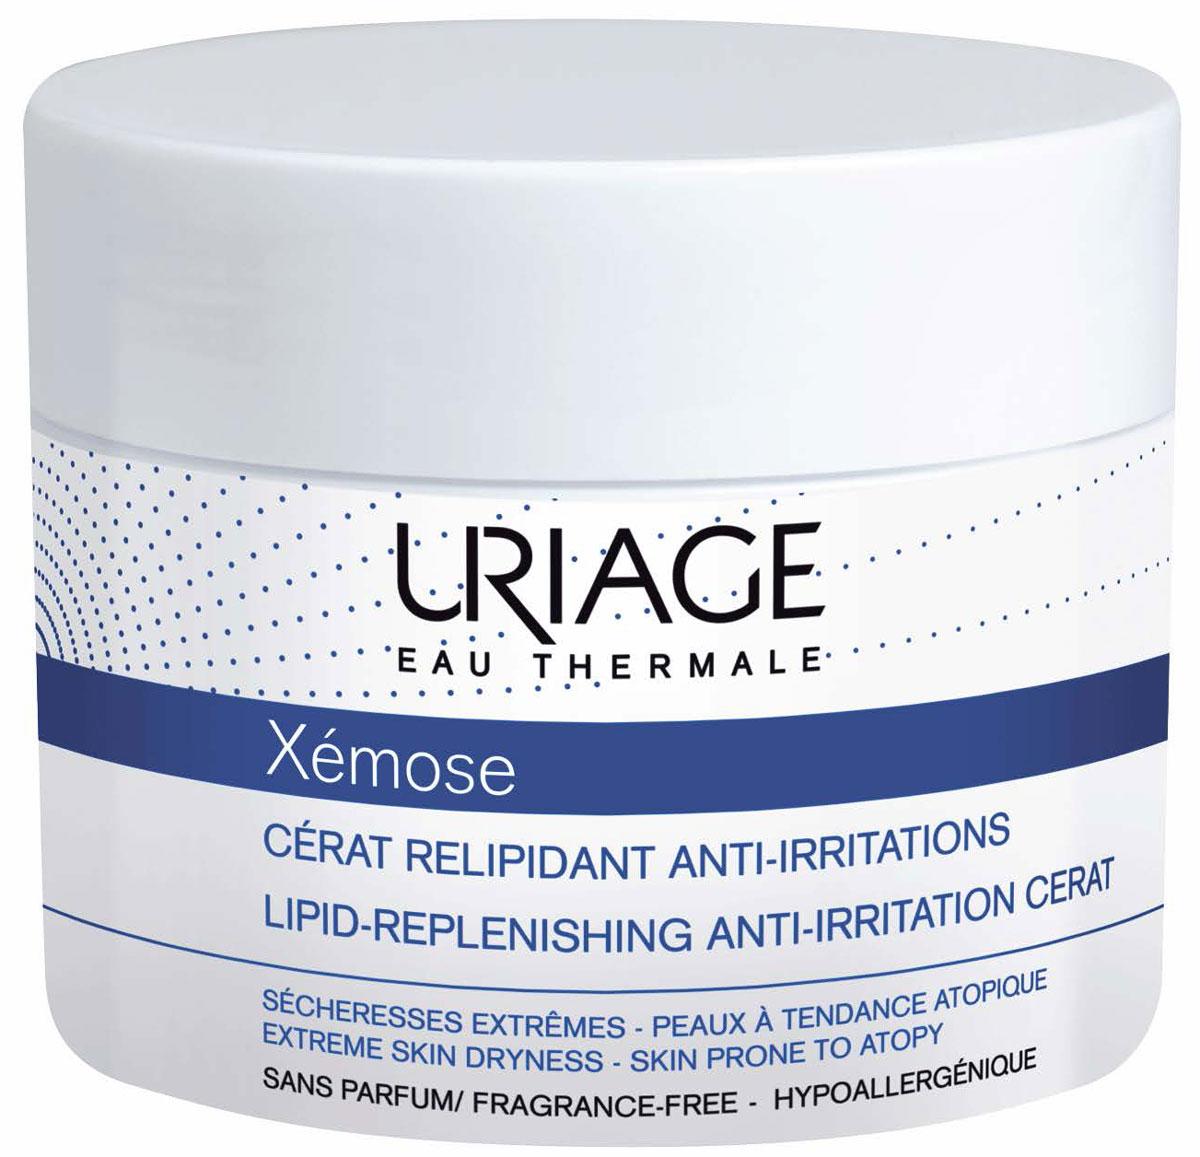 Uriage Церат крем липидовосстанавливающий против раздражений Xemose, 200 млU04834Крем предназначен для очень сухой, склонной к атопии кожи. Он питает и защищает кожу, успокаивает зуд , предотвращая расчёсывания. Ксемоз крем смягчает кожу, надолго возвращая её в комфортное состояние. Входящие в состав 3 запатентованных инновационных комплекса и термальная вода Урьяж обеспечивают тройное действие: -Поддерживает баланс микрофлоры на поверхности кожи ( Комплекс TLR-2 regul и термальная вода Урьяж) -Восстанавливает и укрепляет кожный барьер ( комплекс Церастерол – 2 F и термальная вода Урьяж) -Ускоряет естественное разрешение воспалительного процесса (комплексы Хроноксин и TLR-2 Regul)Для новорождённых, детей, взрослых. Подходит для лица и тела.